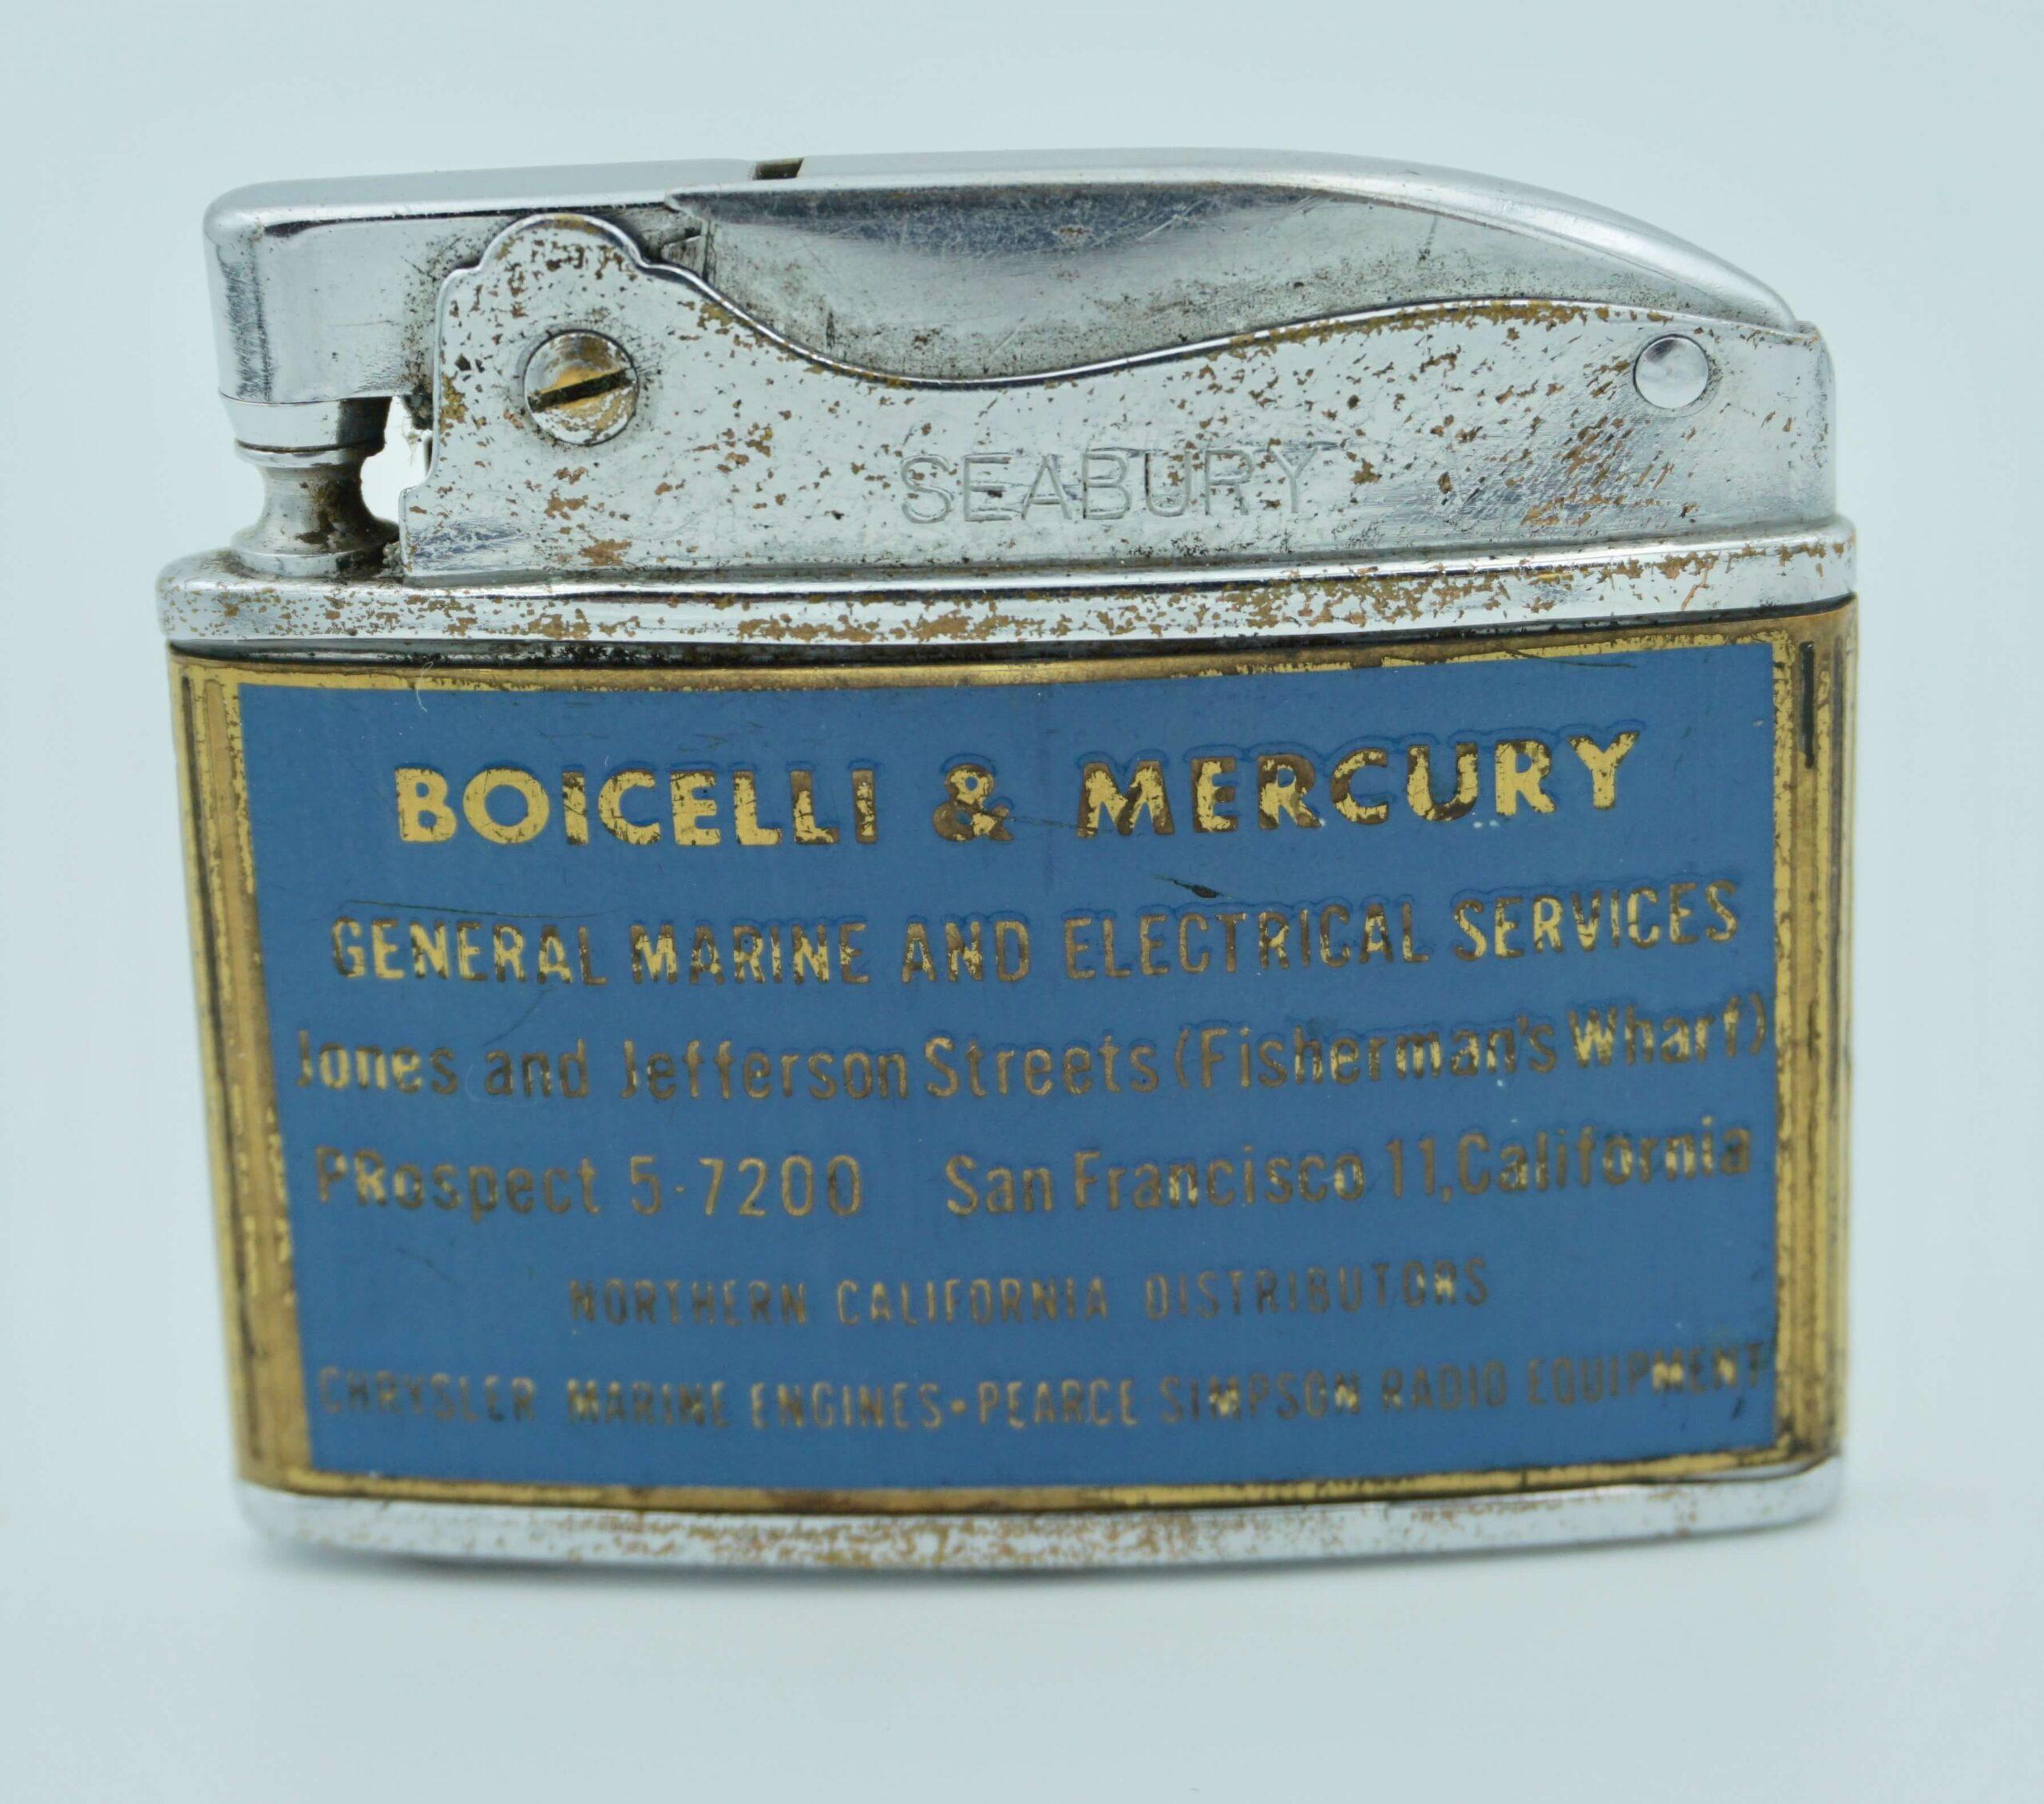 Boicelli & Mercury